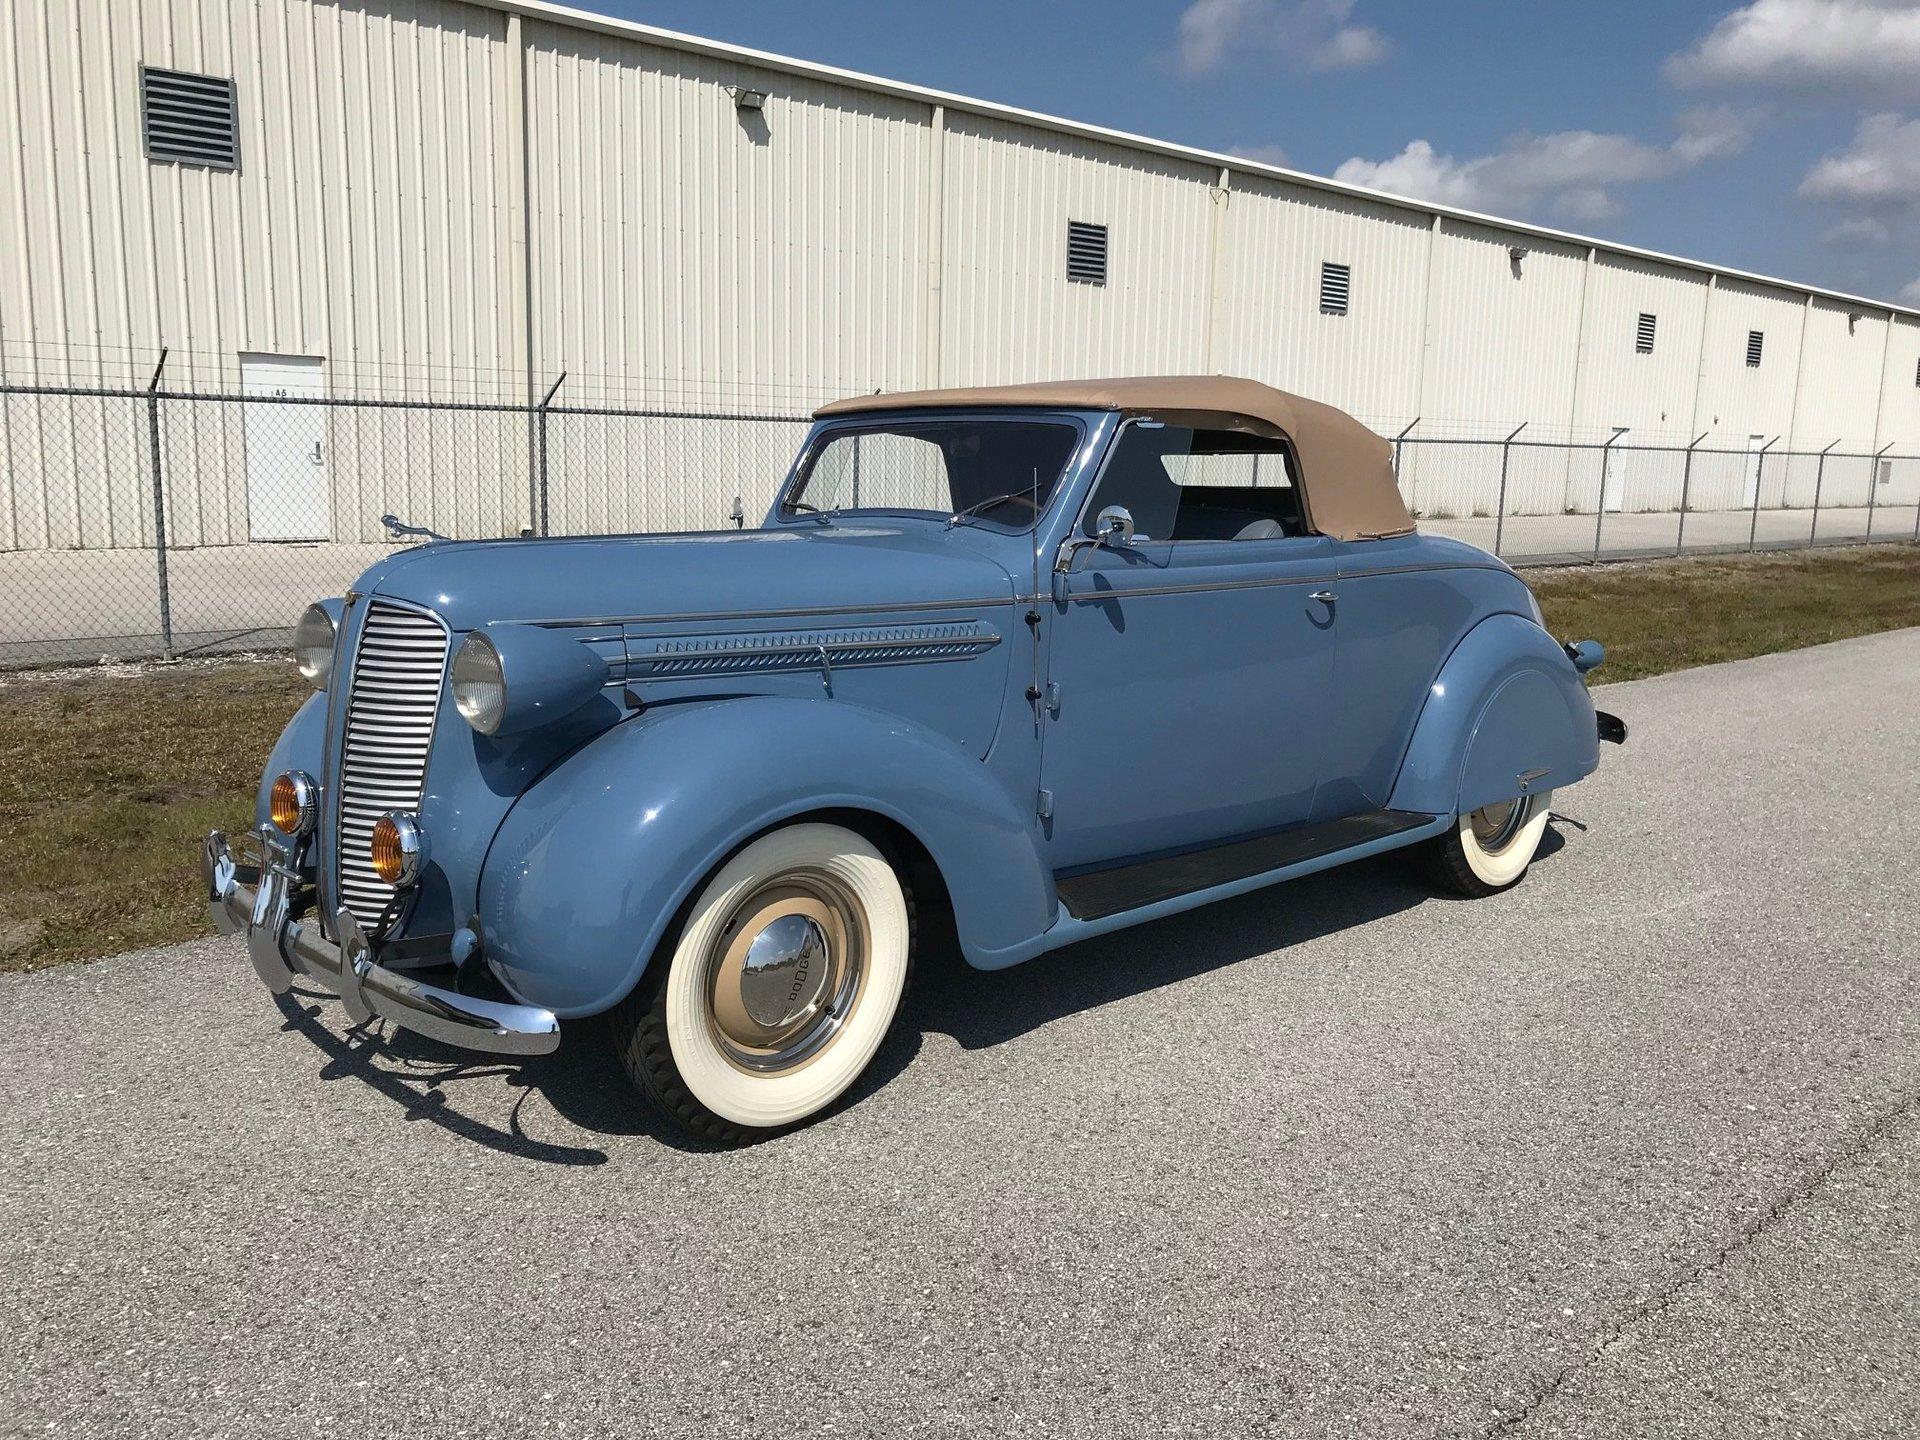 1937 Dodge Deluxe Convertible